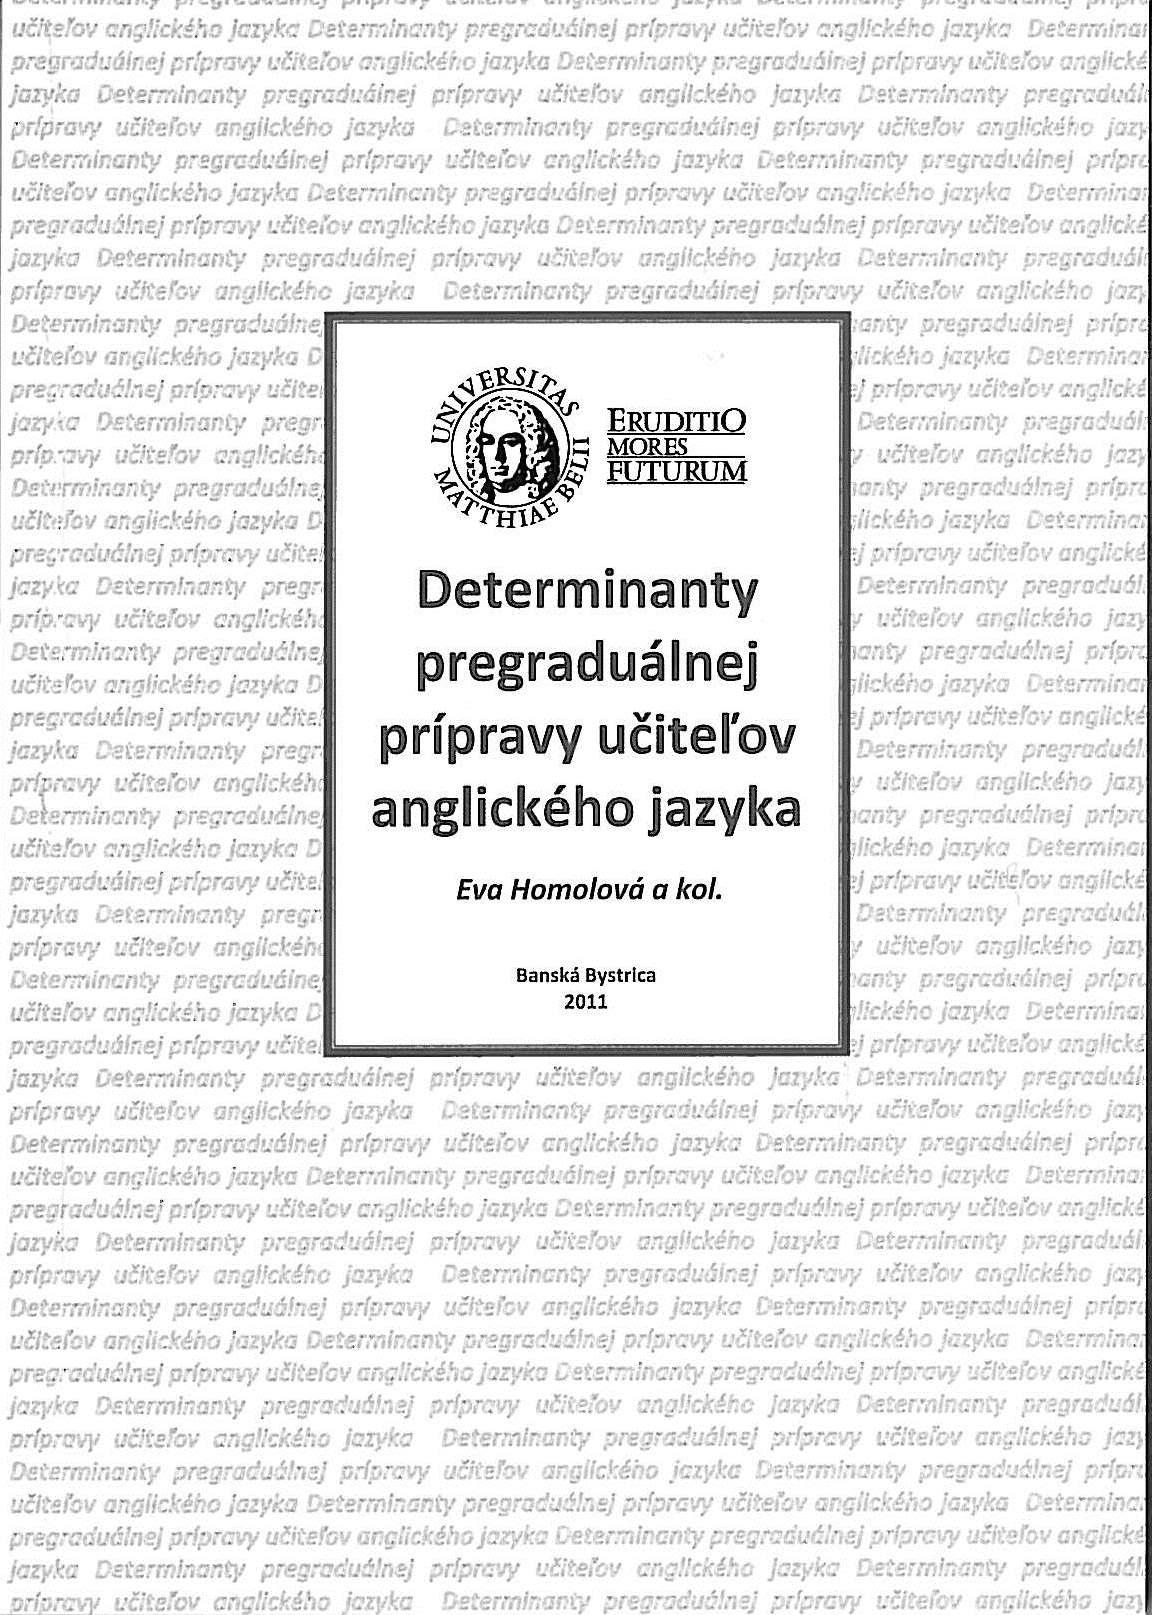 Determinanty pregraduálnej prípravy učiteľov anglického jazyka.